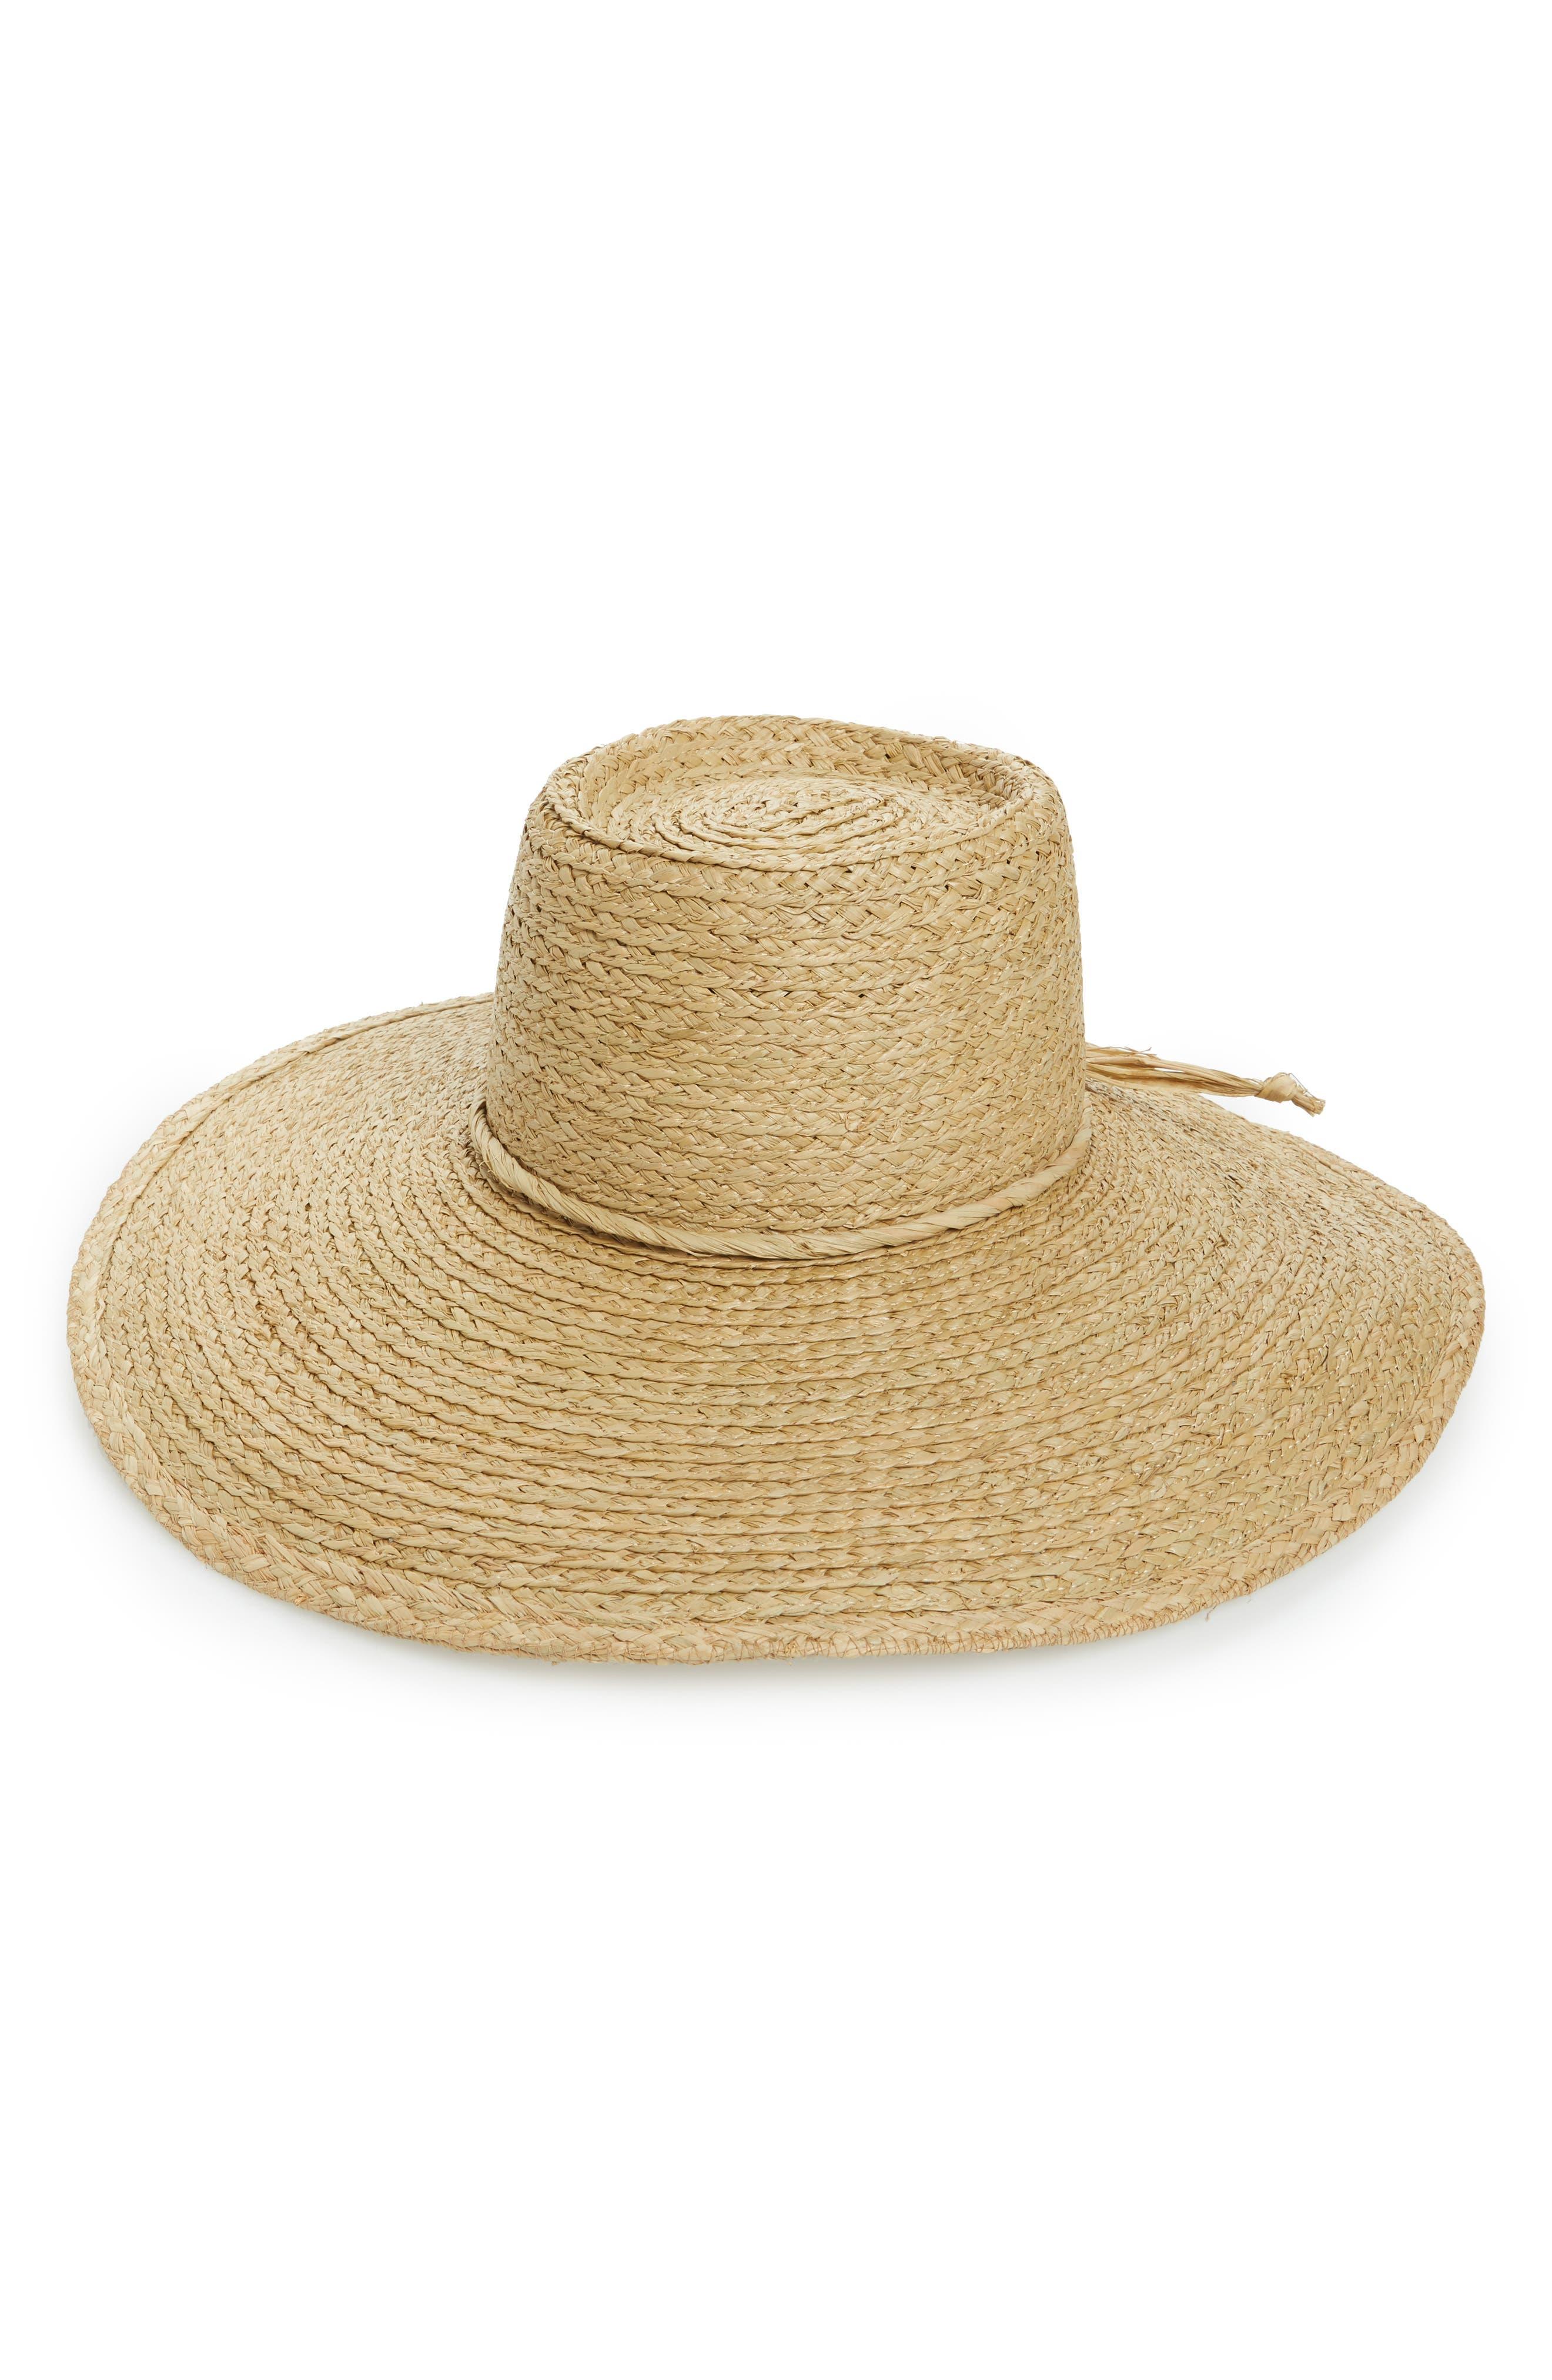 Paite Raffia Floppy Hat,                         Main,                         color, 250